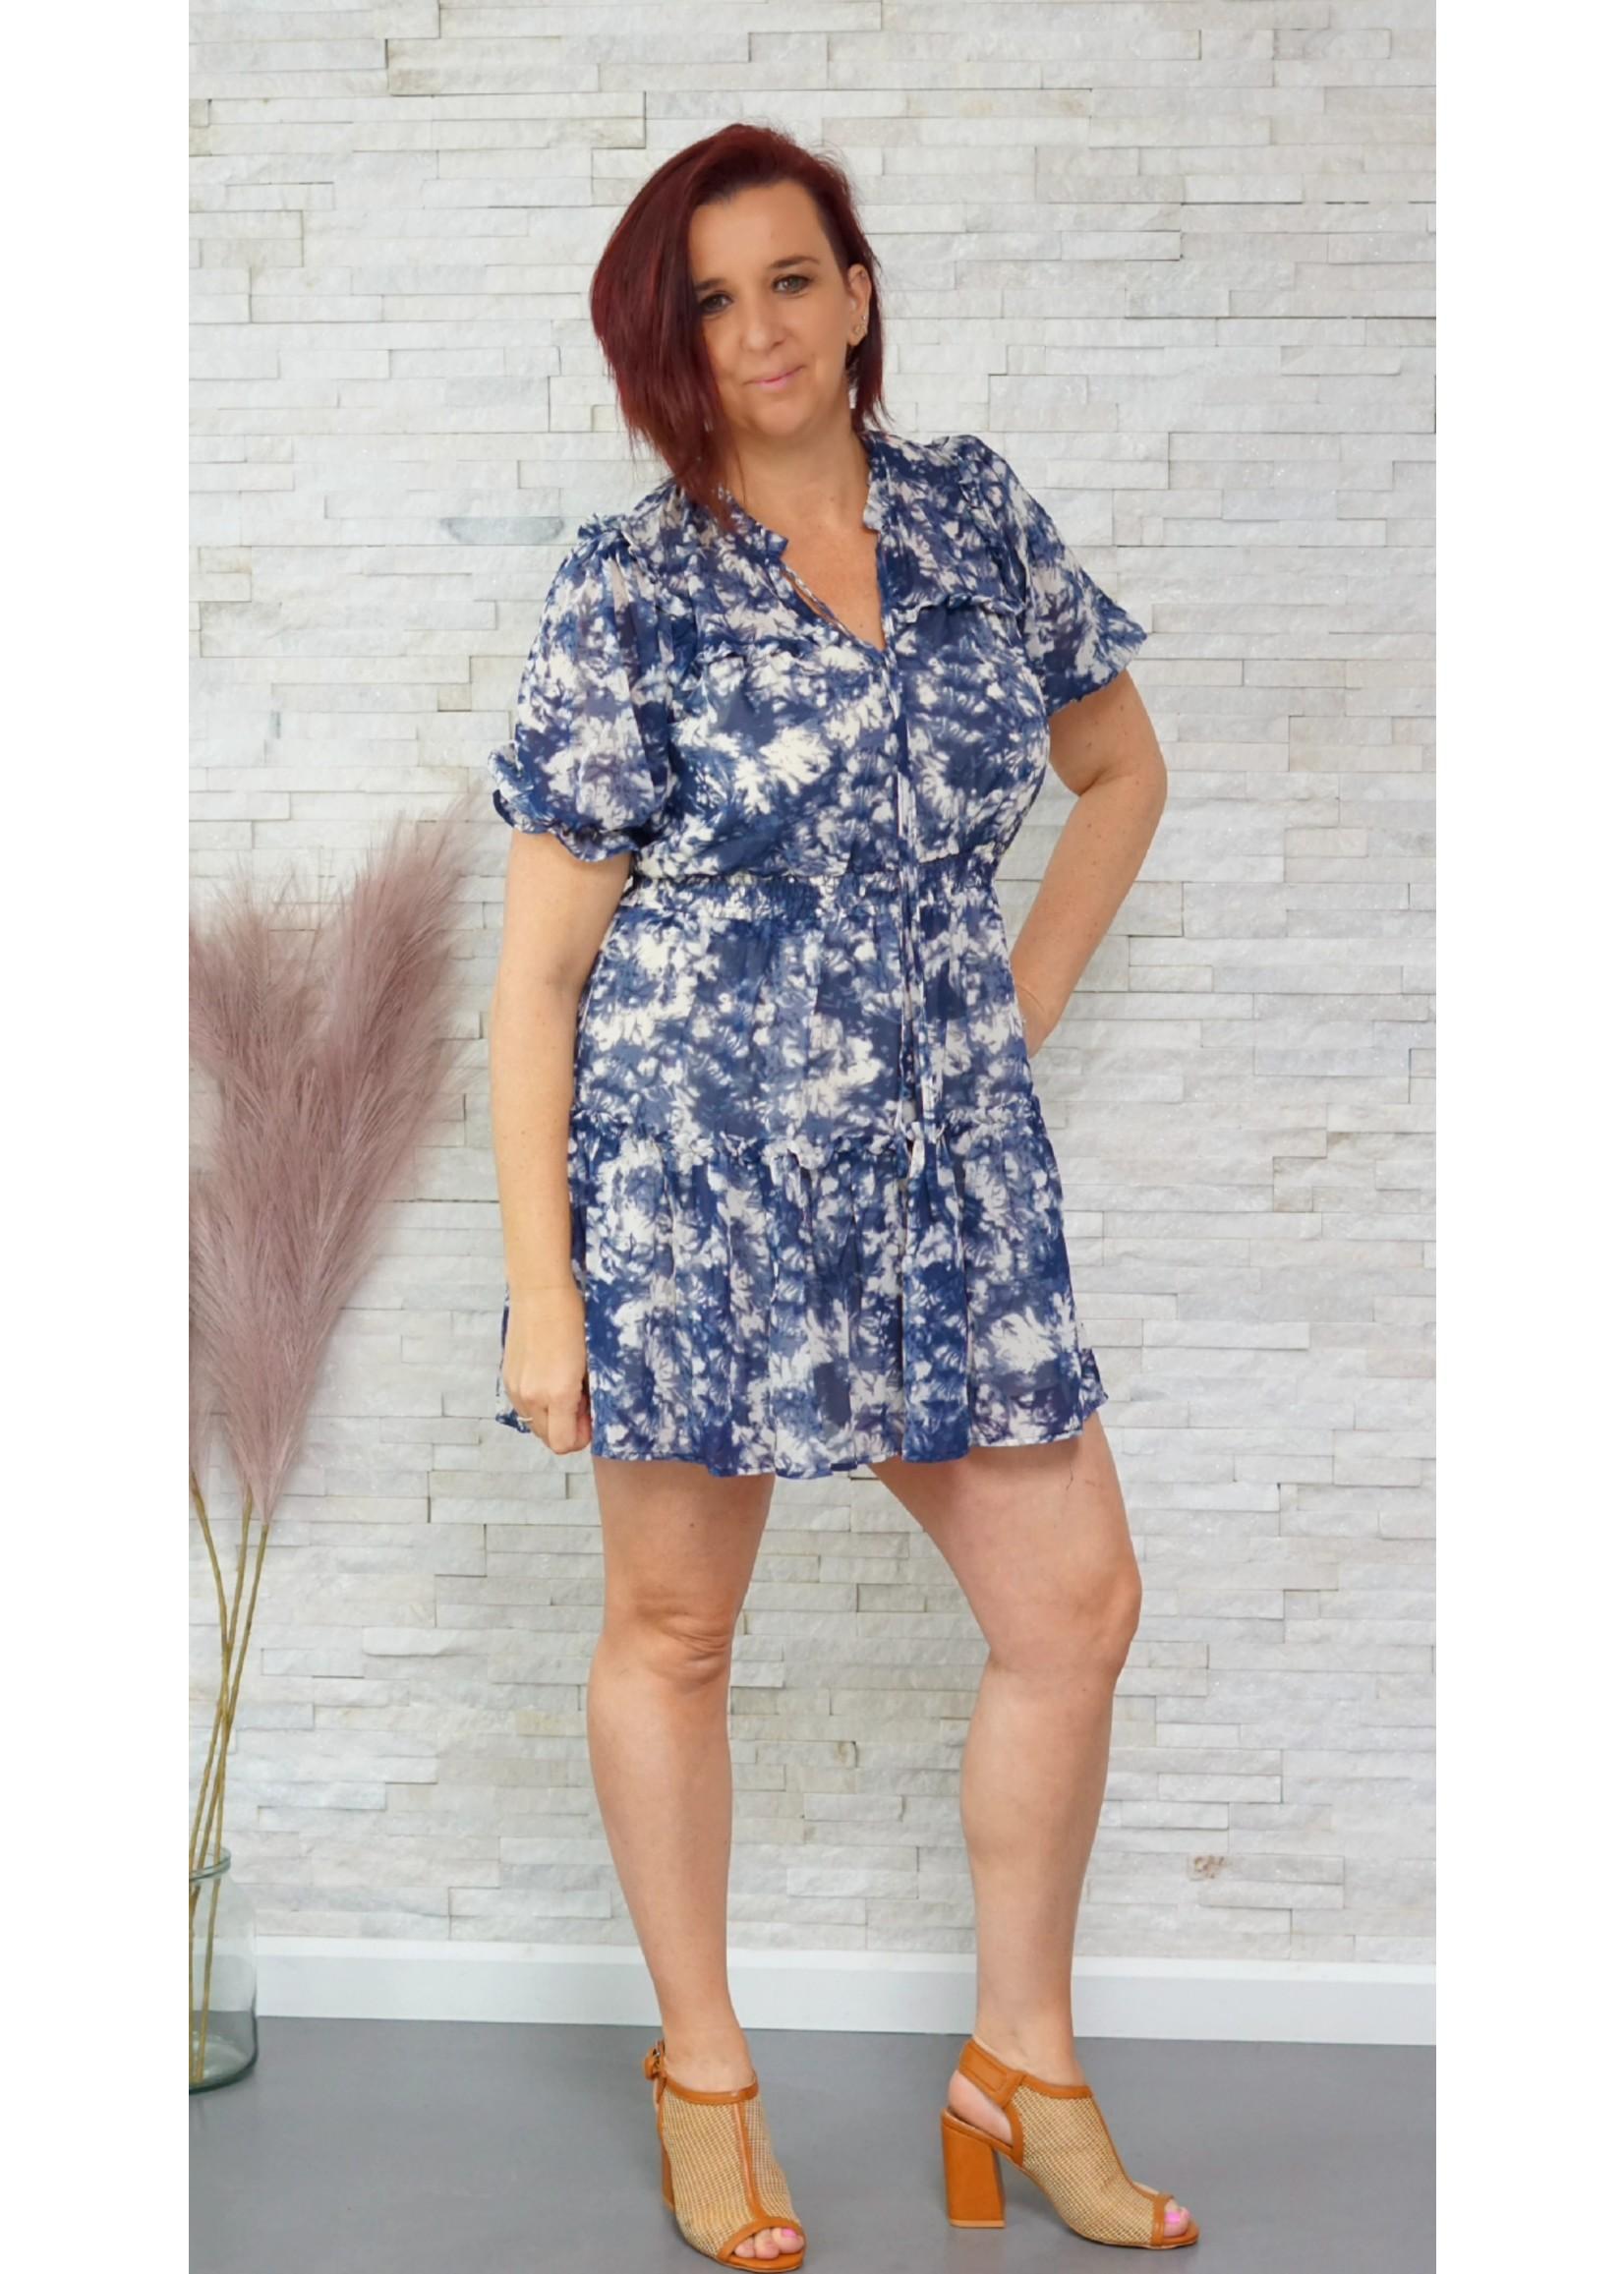 Cherry Paris Officiel Cherry blue tie dye dress